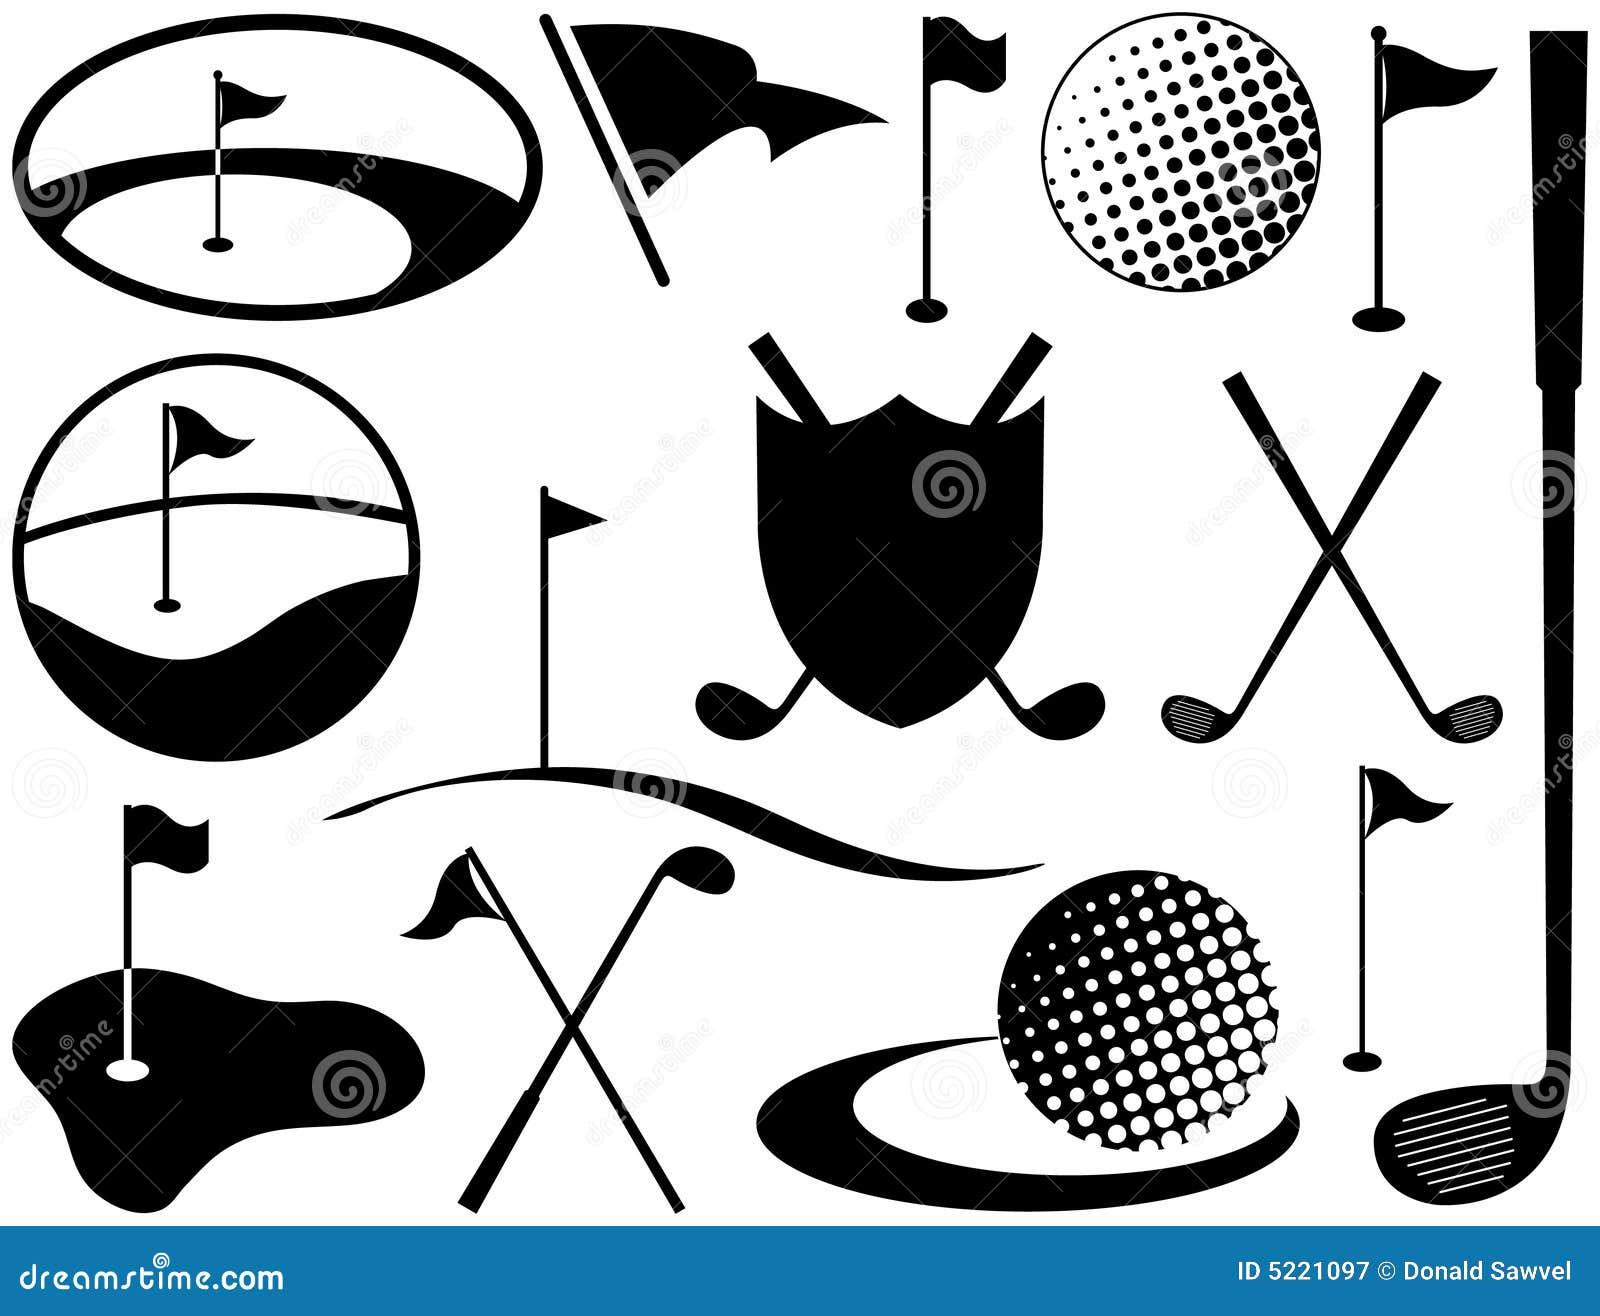 Iconos blancos y negros del golf